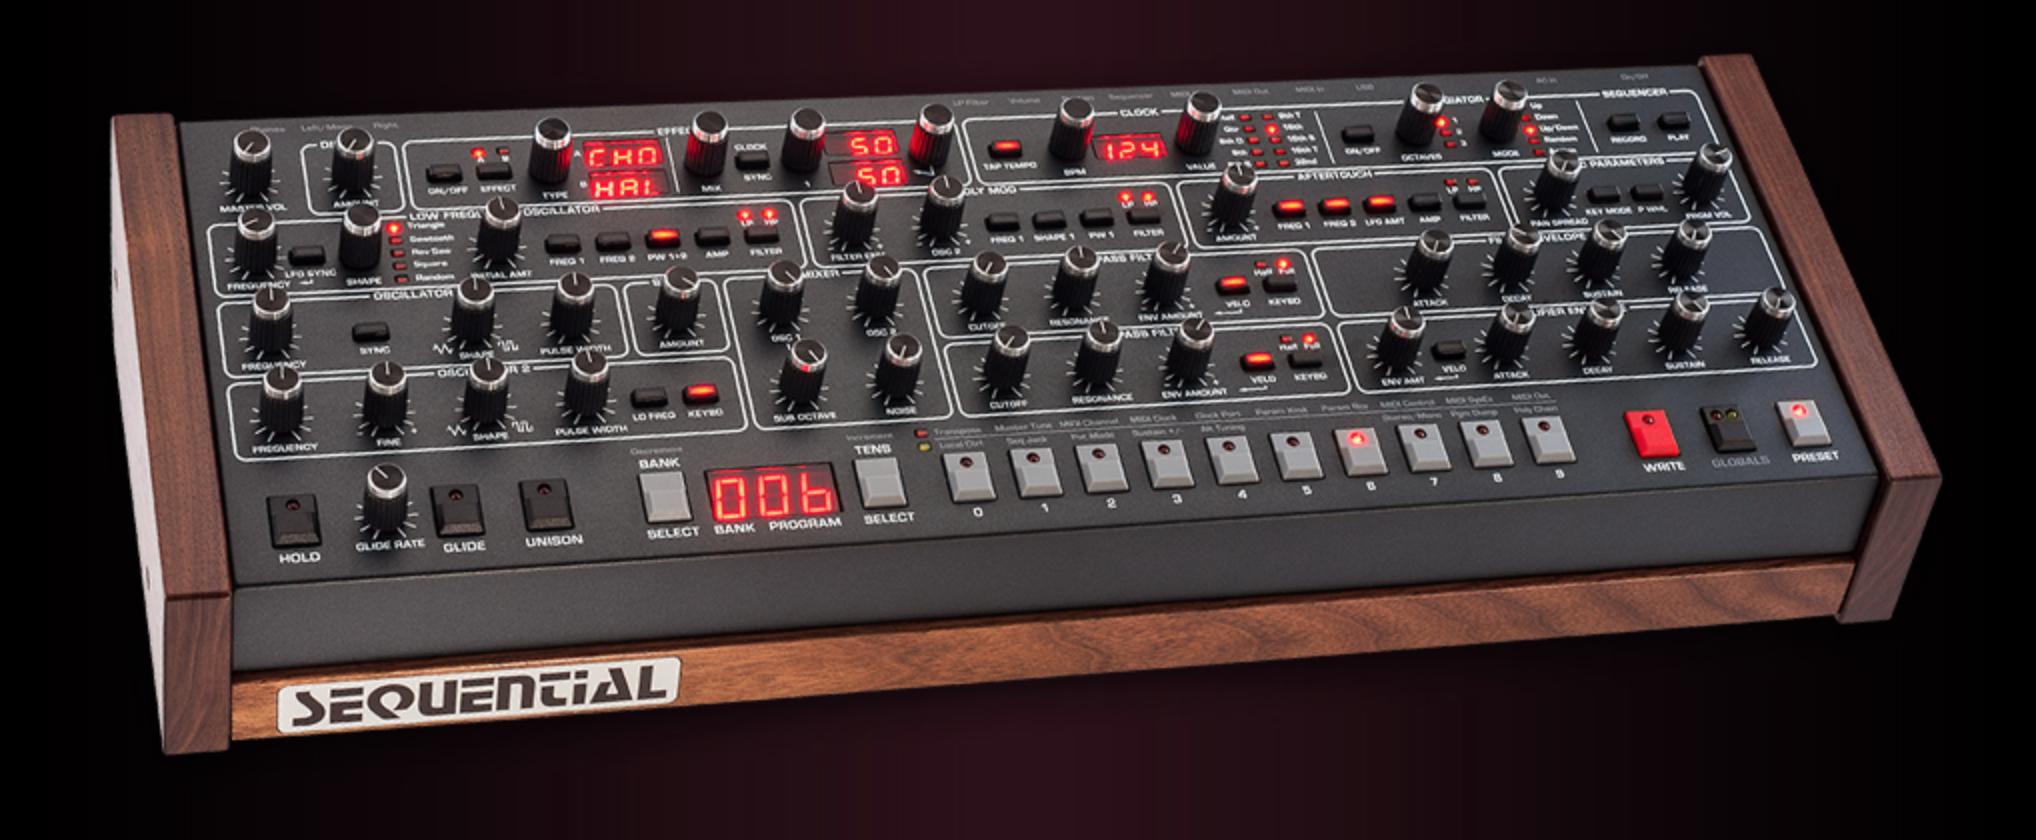 Dave Smith Instruments kündigt eine Desktop-Modul-Variante des Prophet-6 an